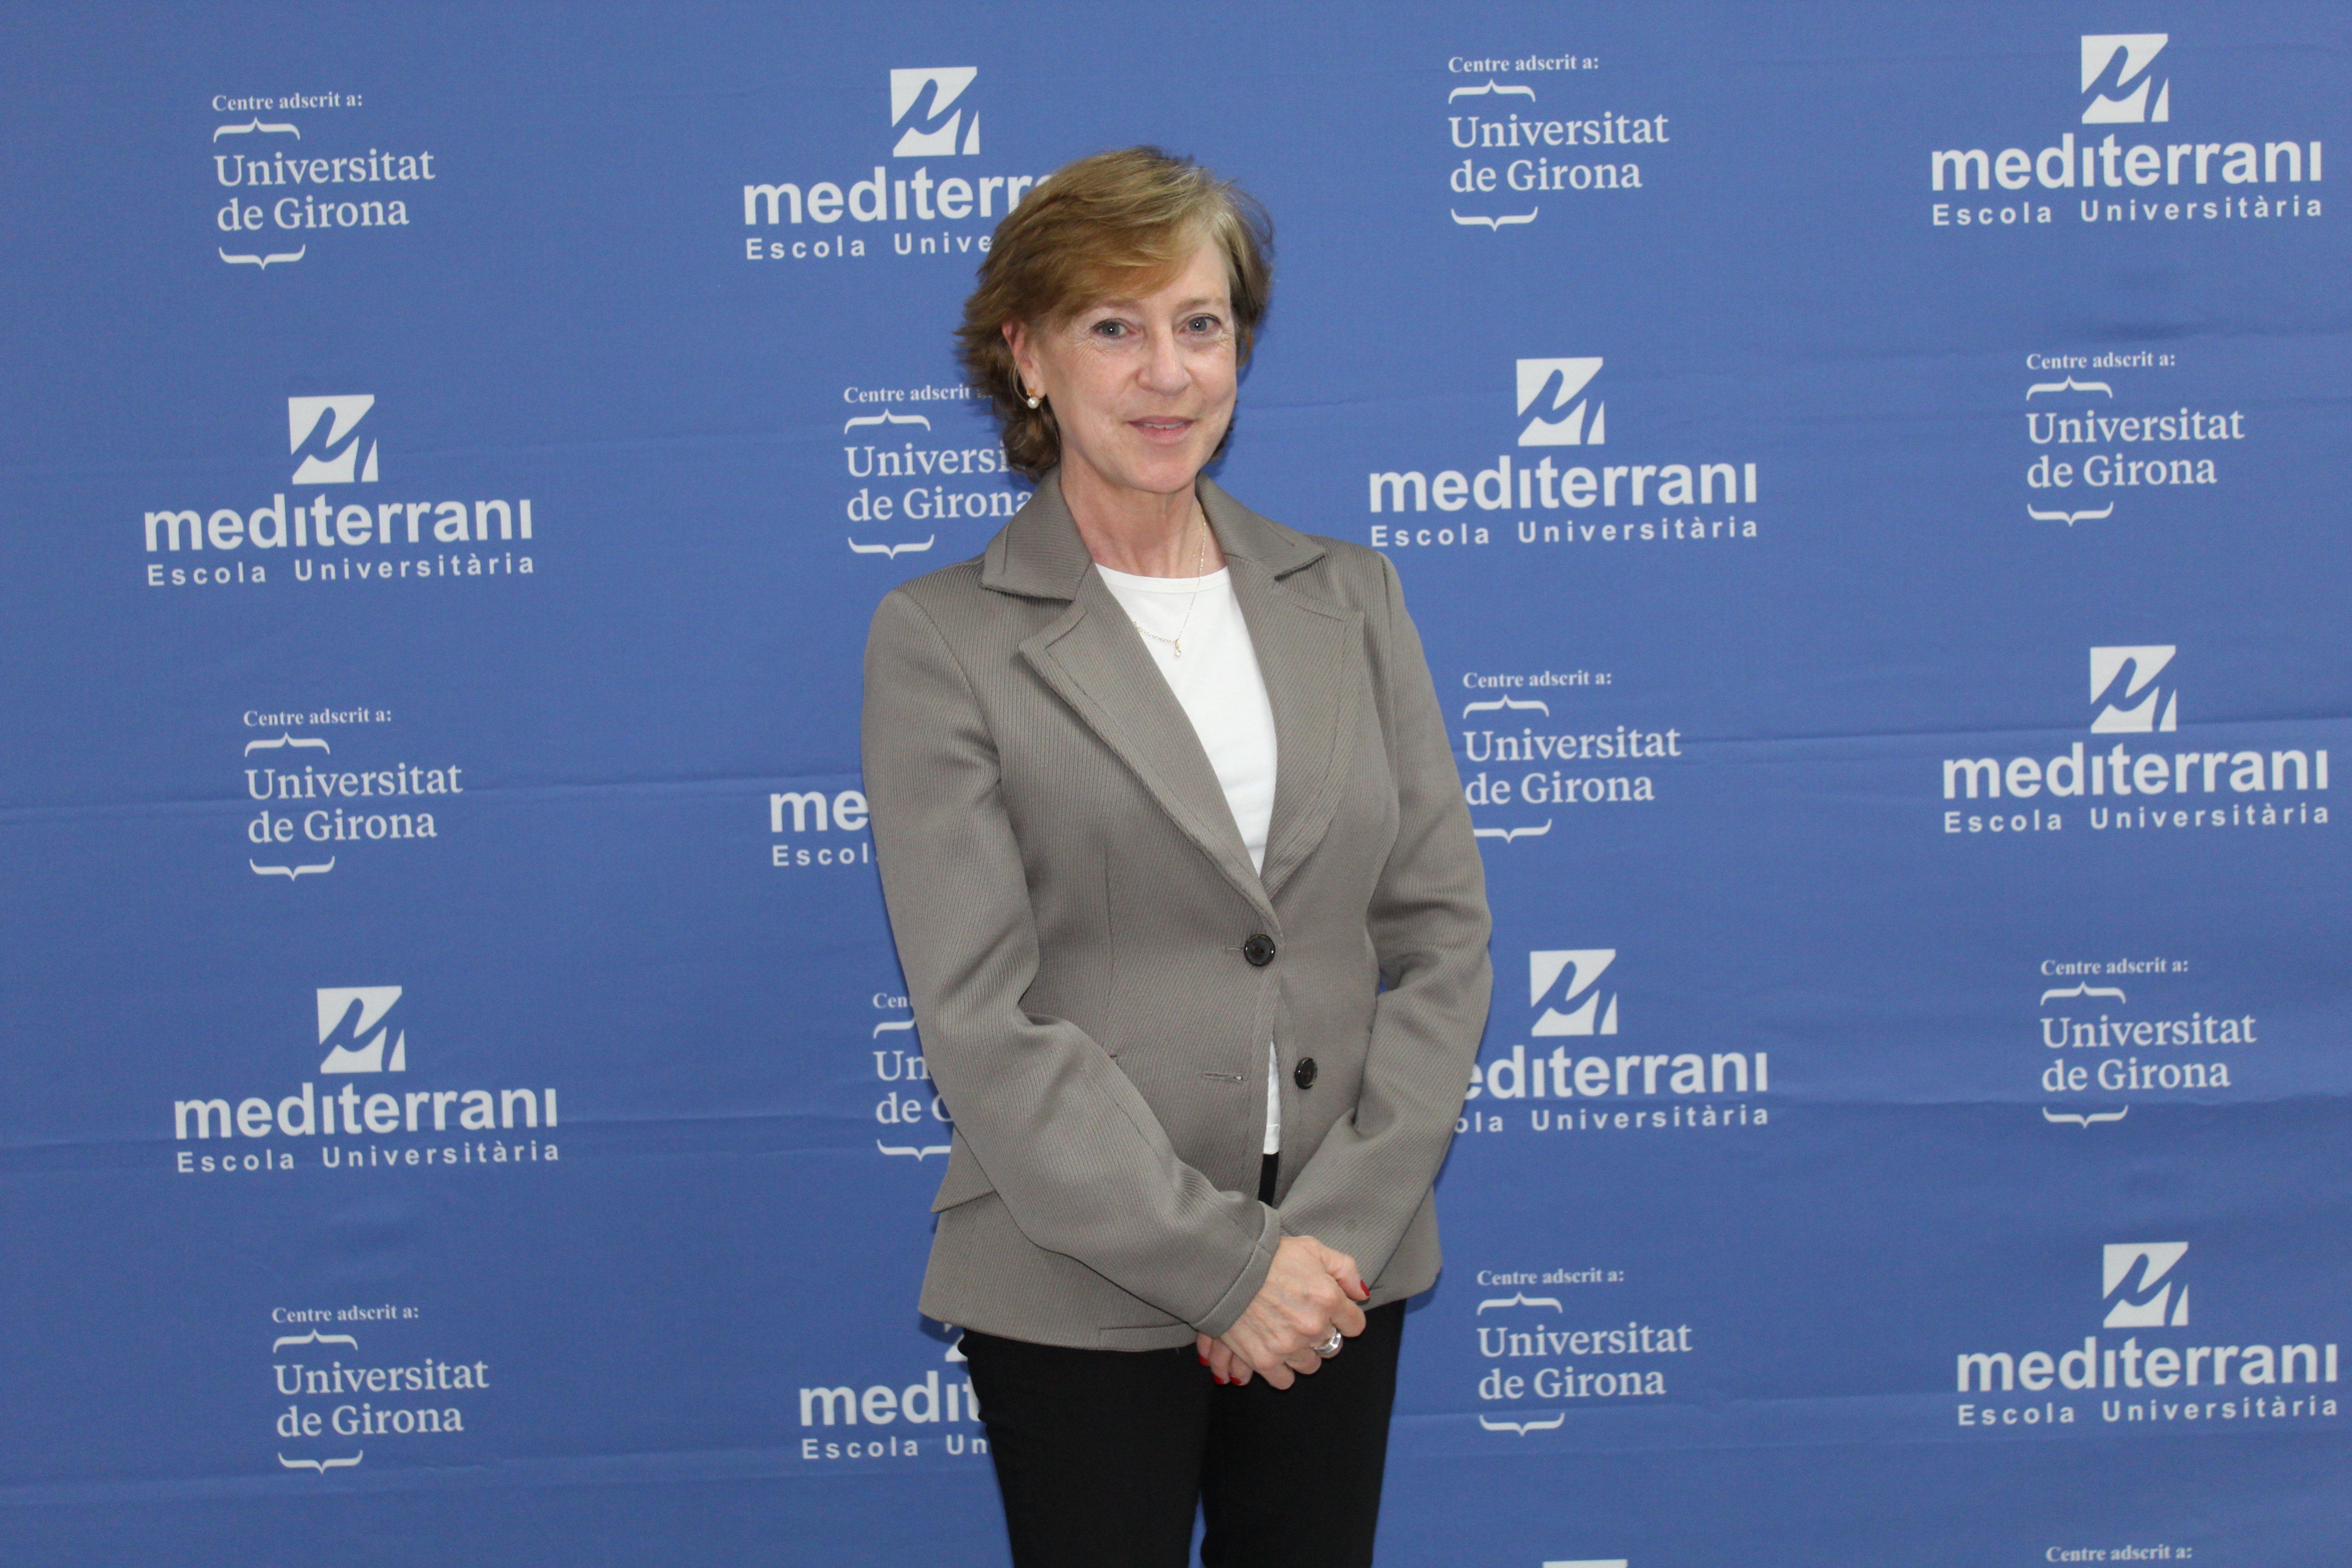 Maria Antonia Garcia-Solanas